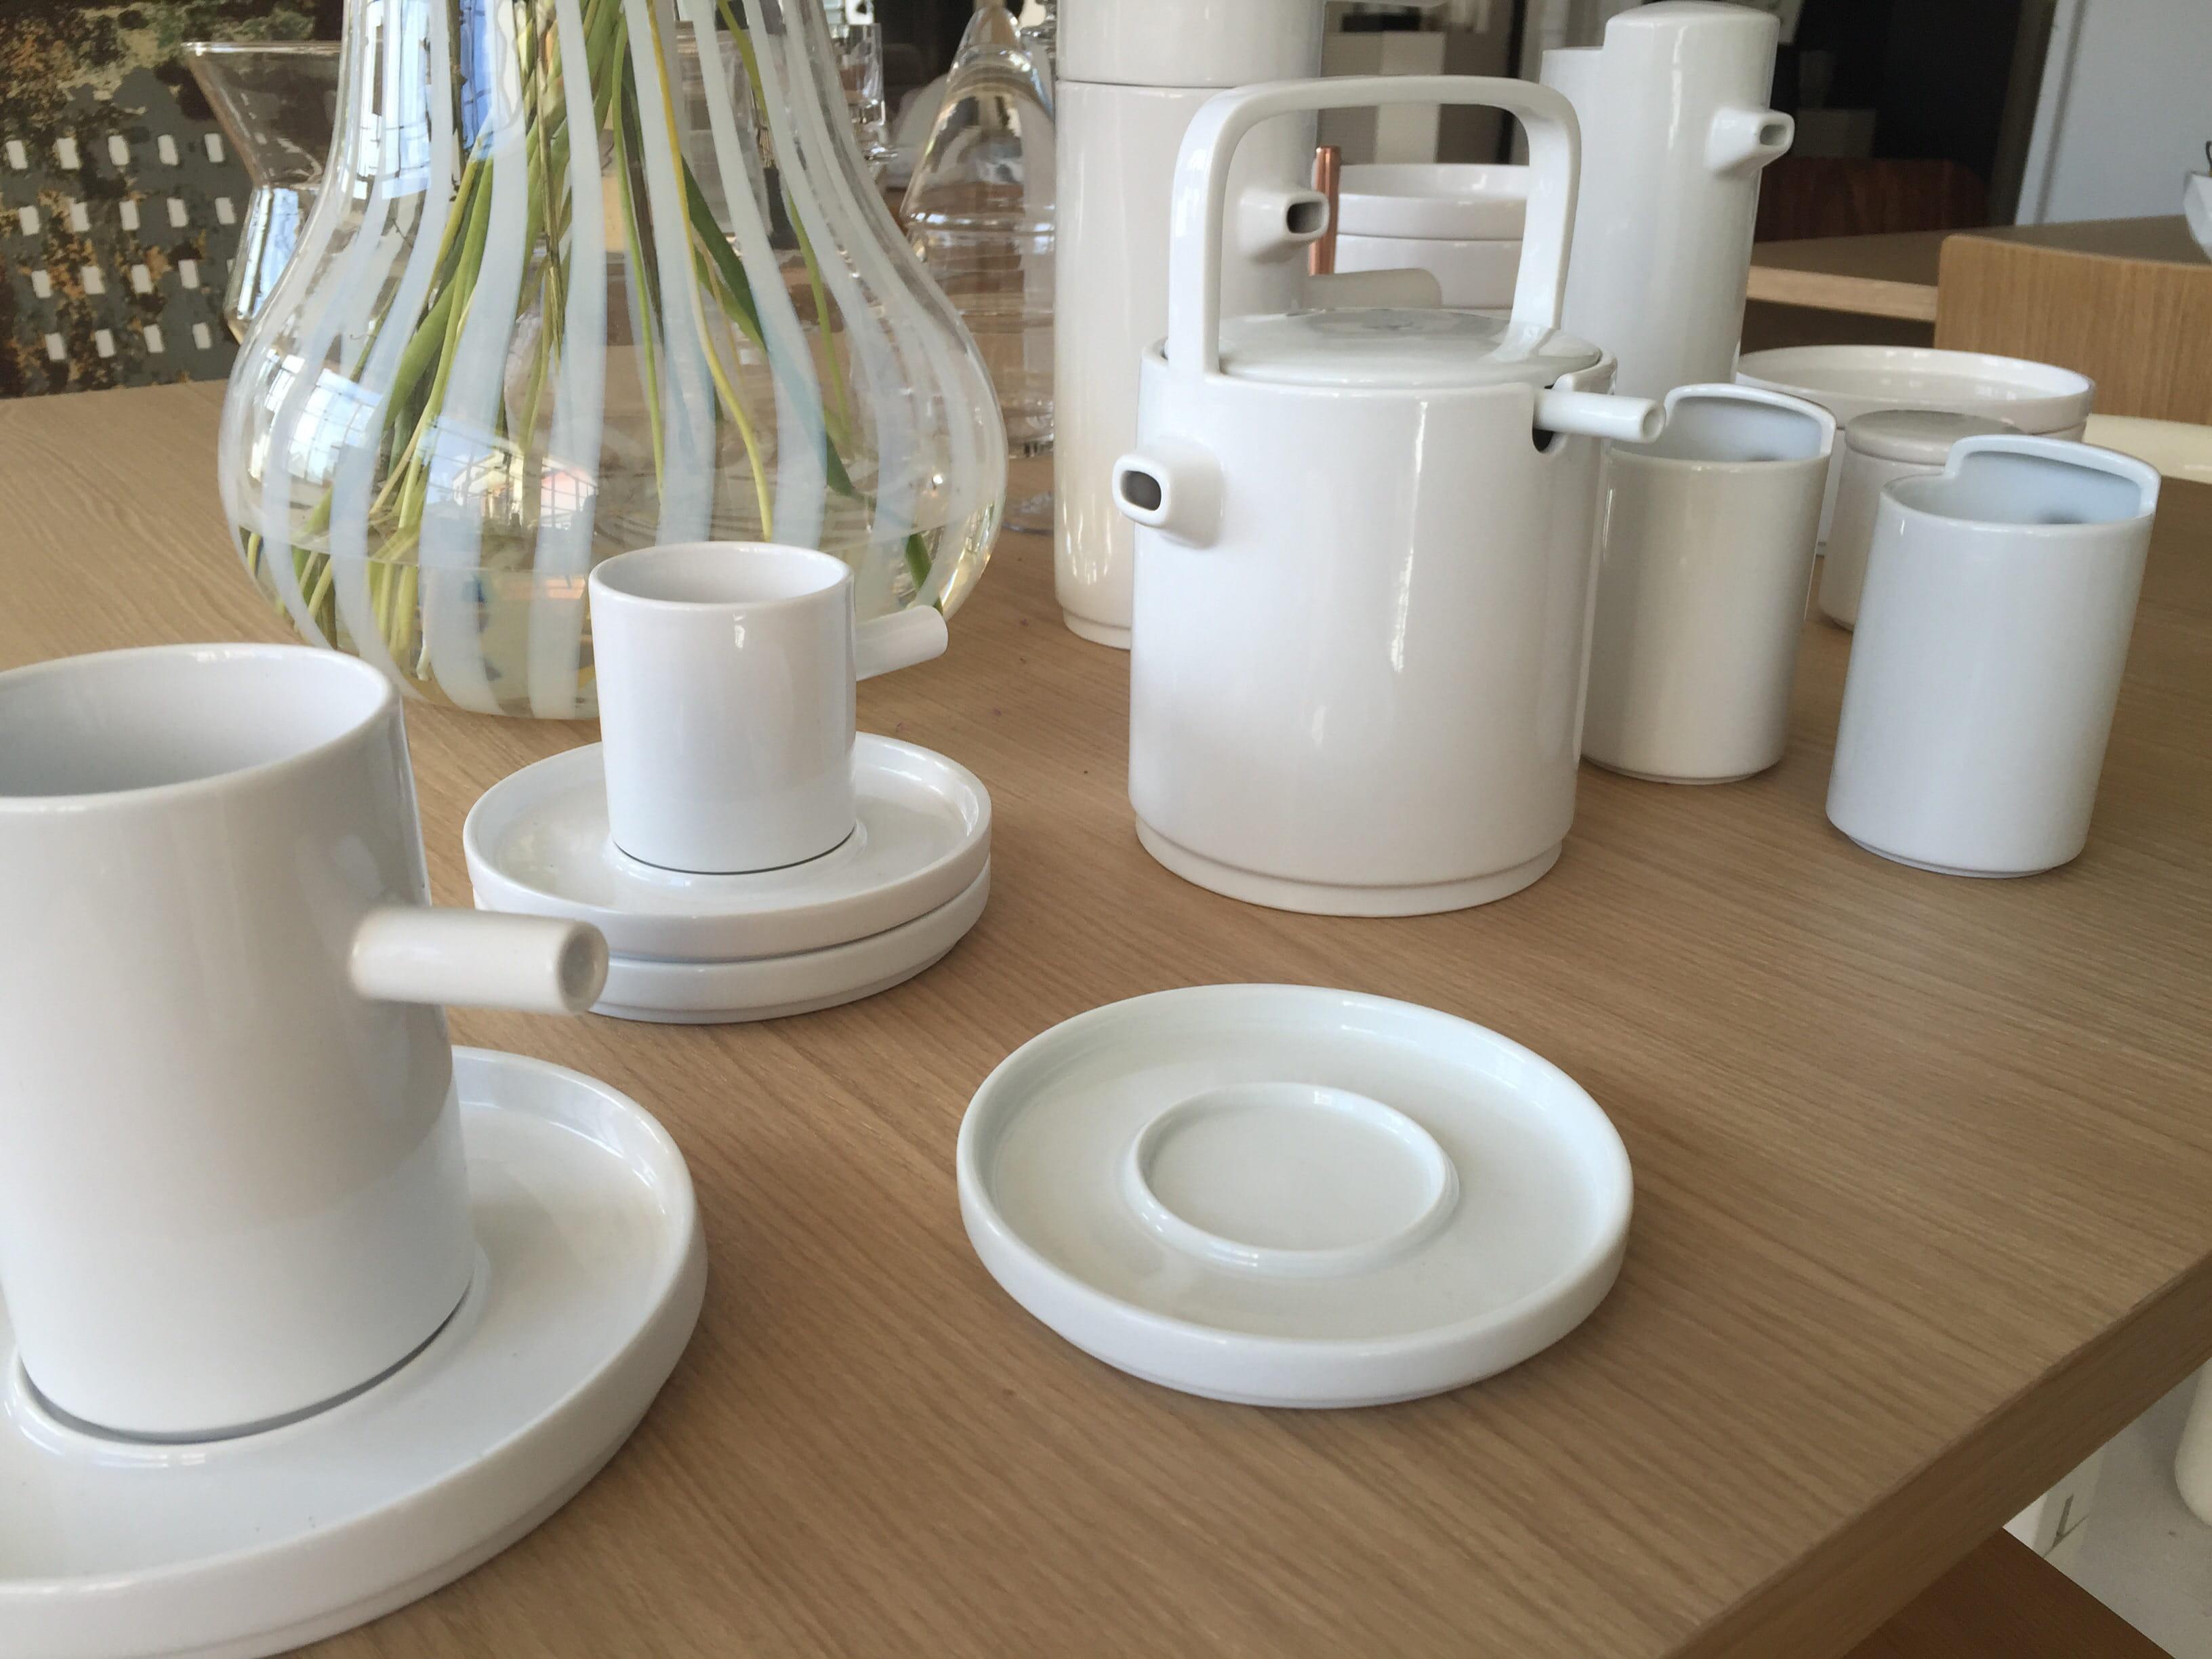 vaisselle en porcelaine aio habitat les nouveaut s pour 2016 journal des femmes. Black Bedroom Furniture Sets. Home Design Ideas